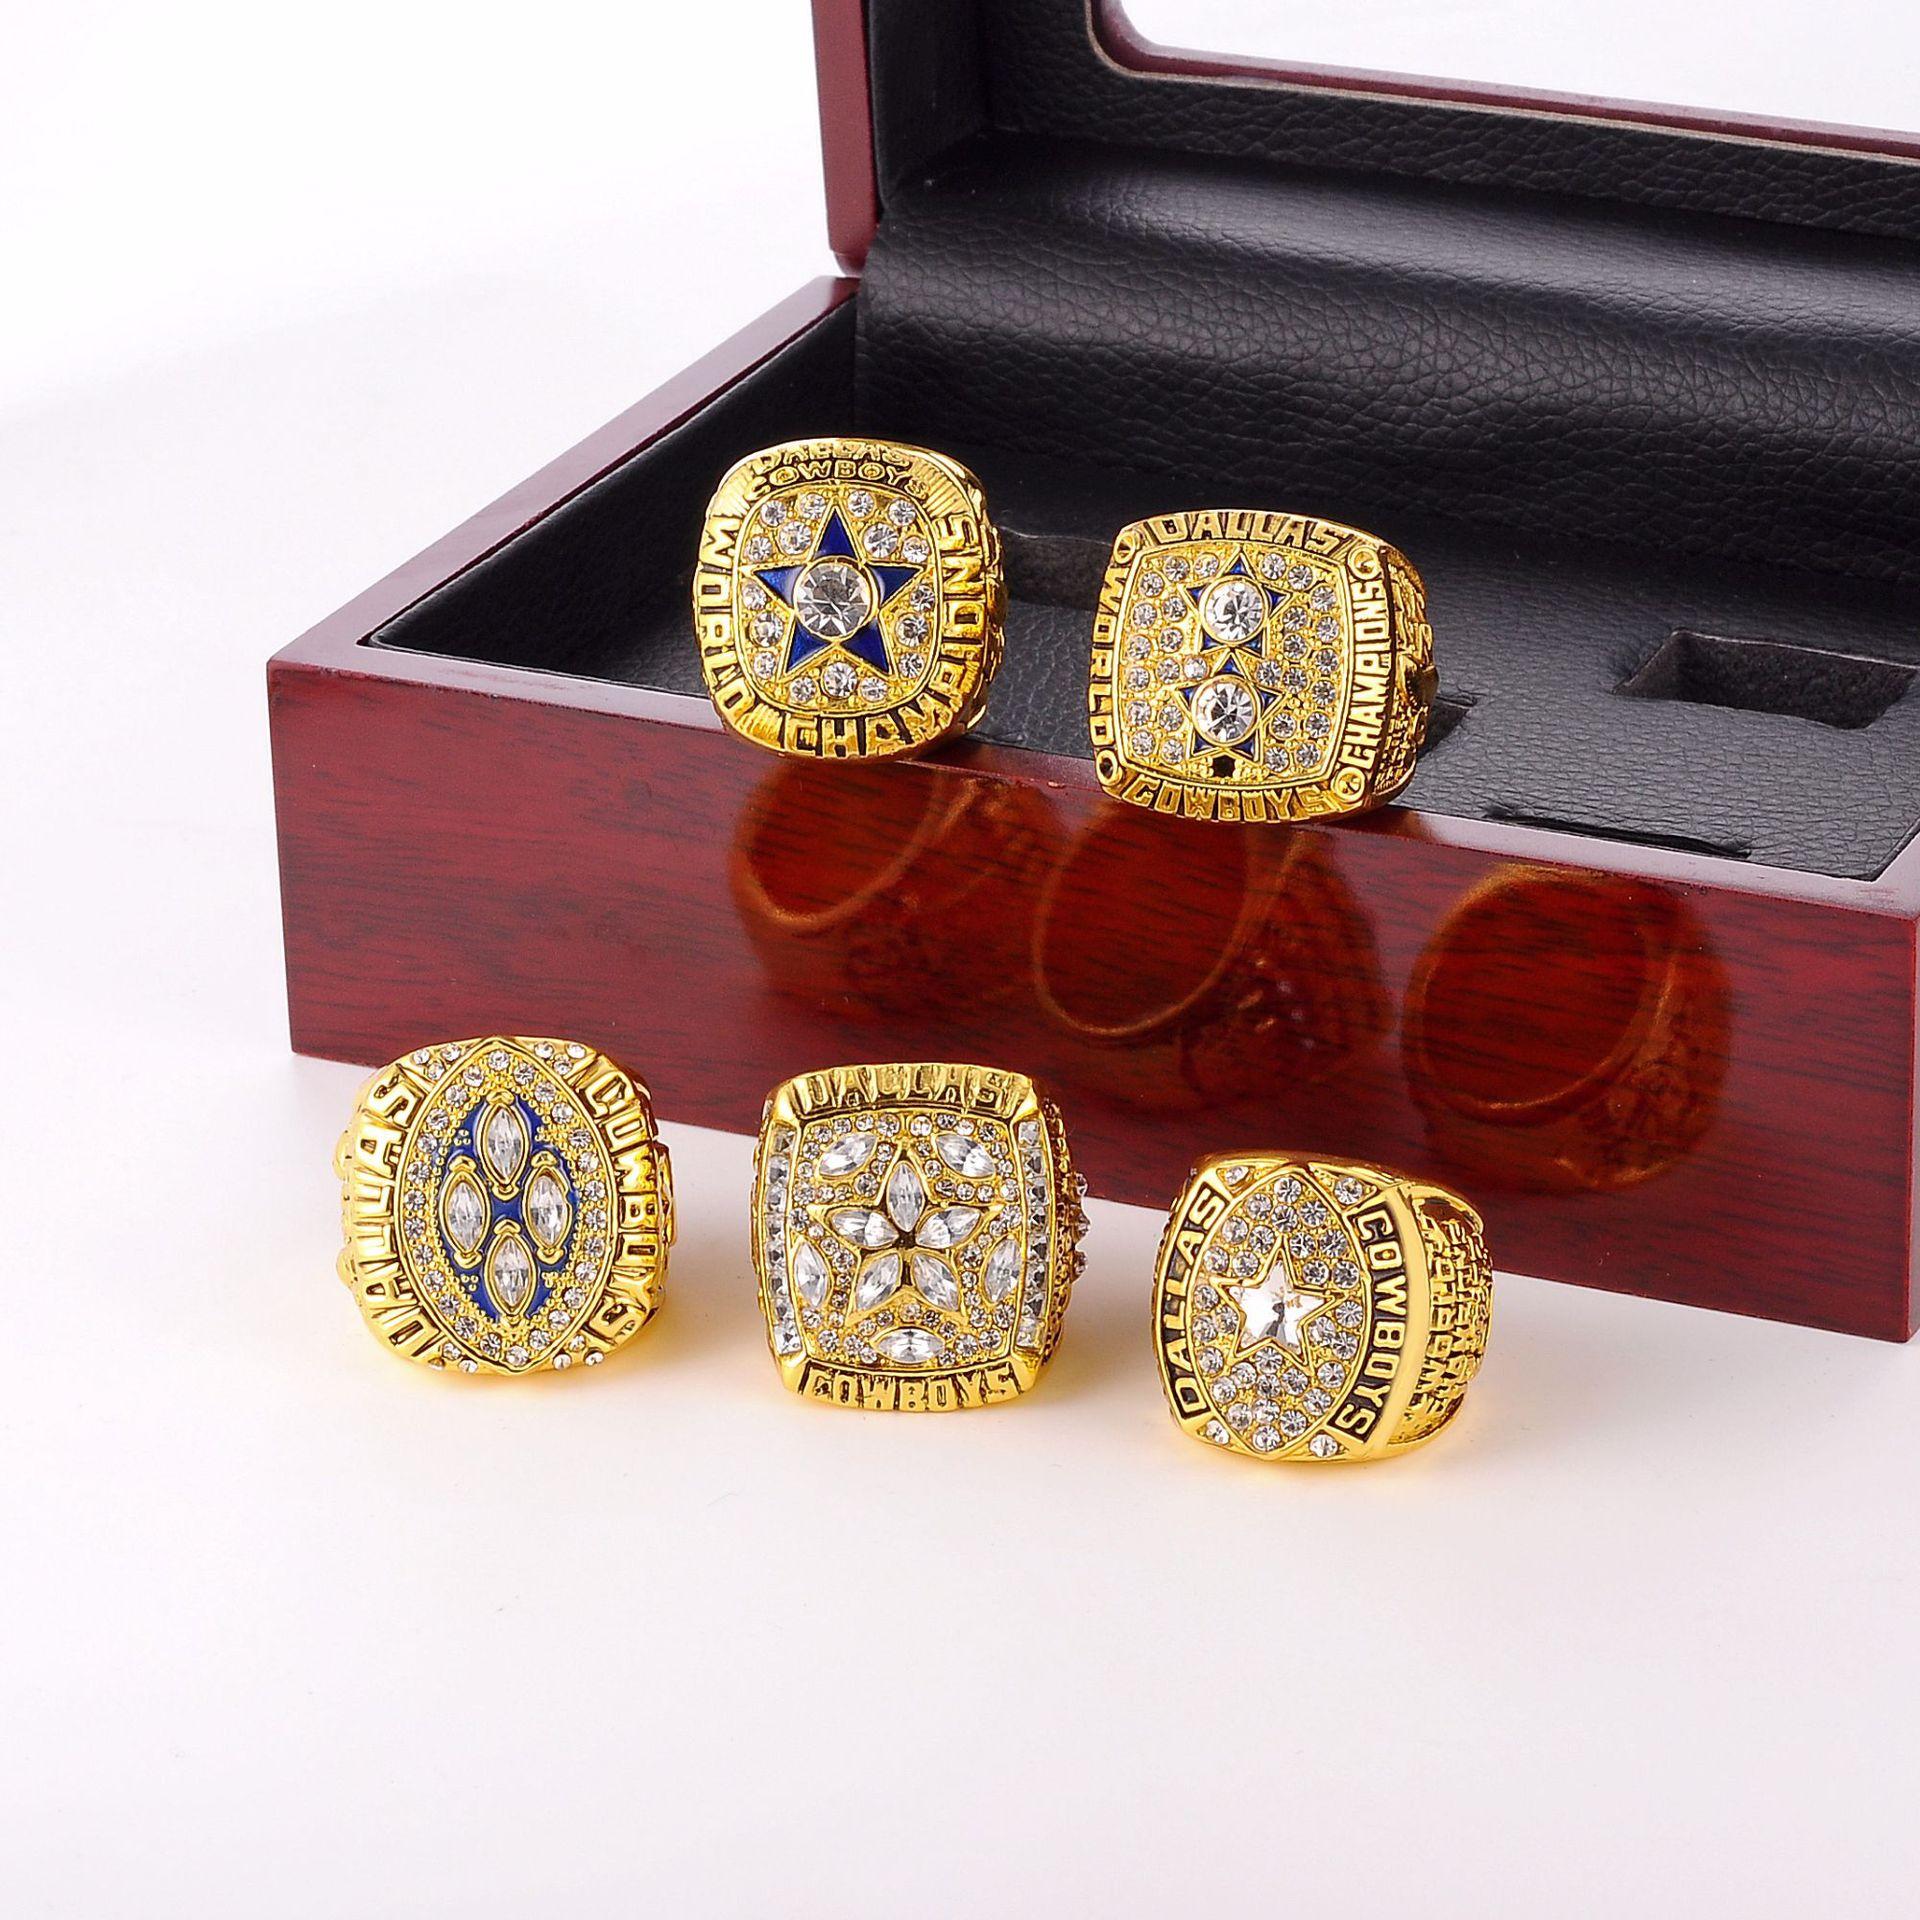 رائجة البيع السلطانية دالاس كاوبوي فريق خاتم البطولة بدلة رجالية مجوهرات مع صندوق عرض